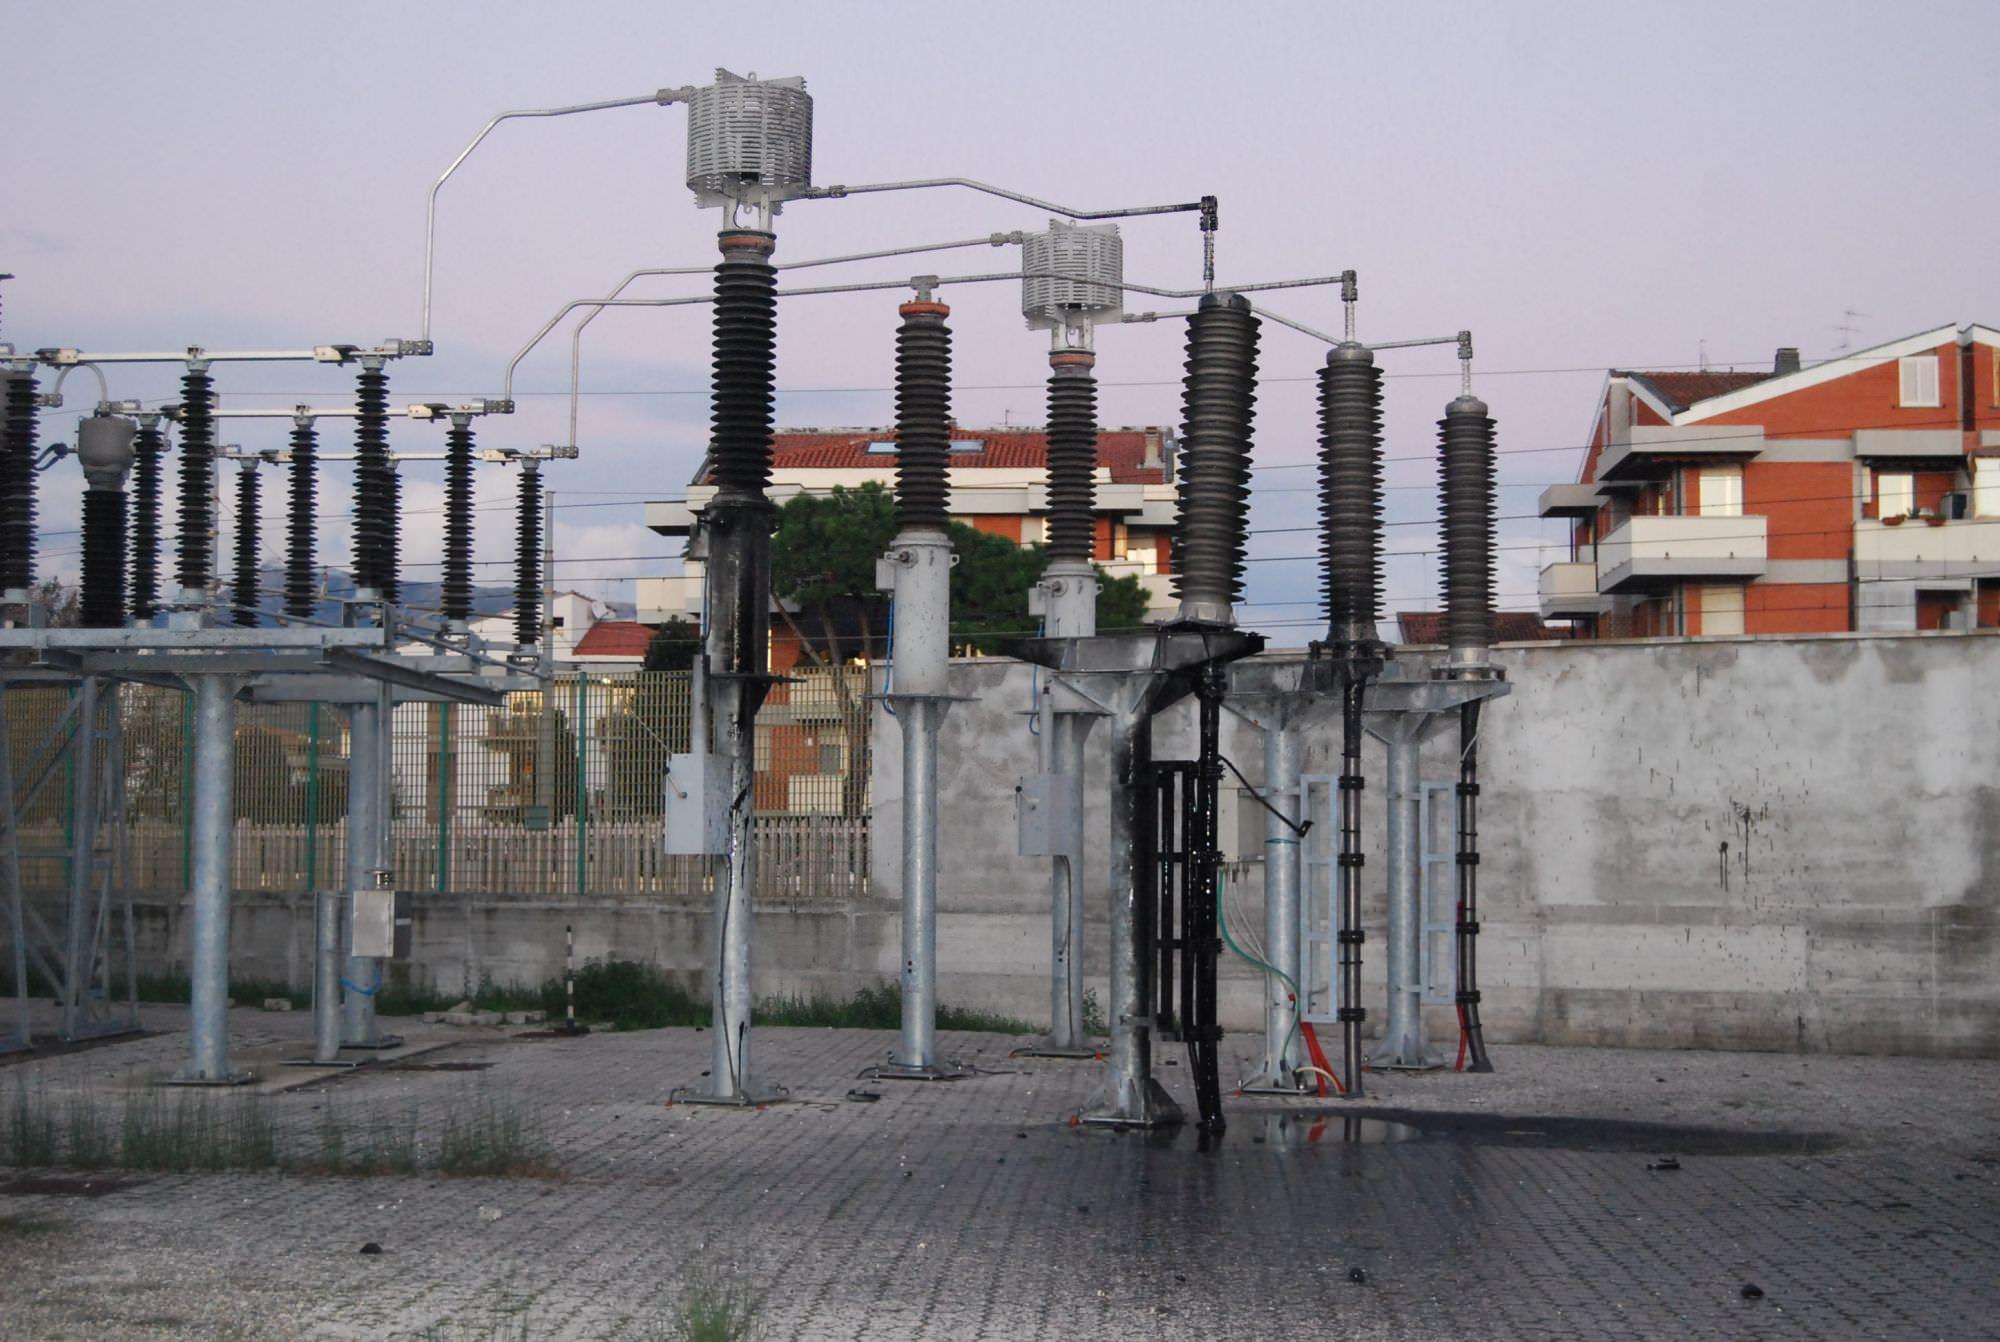 Enel potenzia il servizio elettrico nel centro di Viareggio, possibili disagi per 4 ore